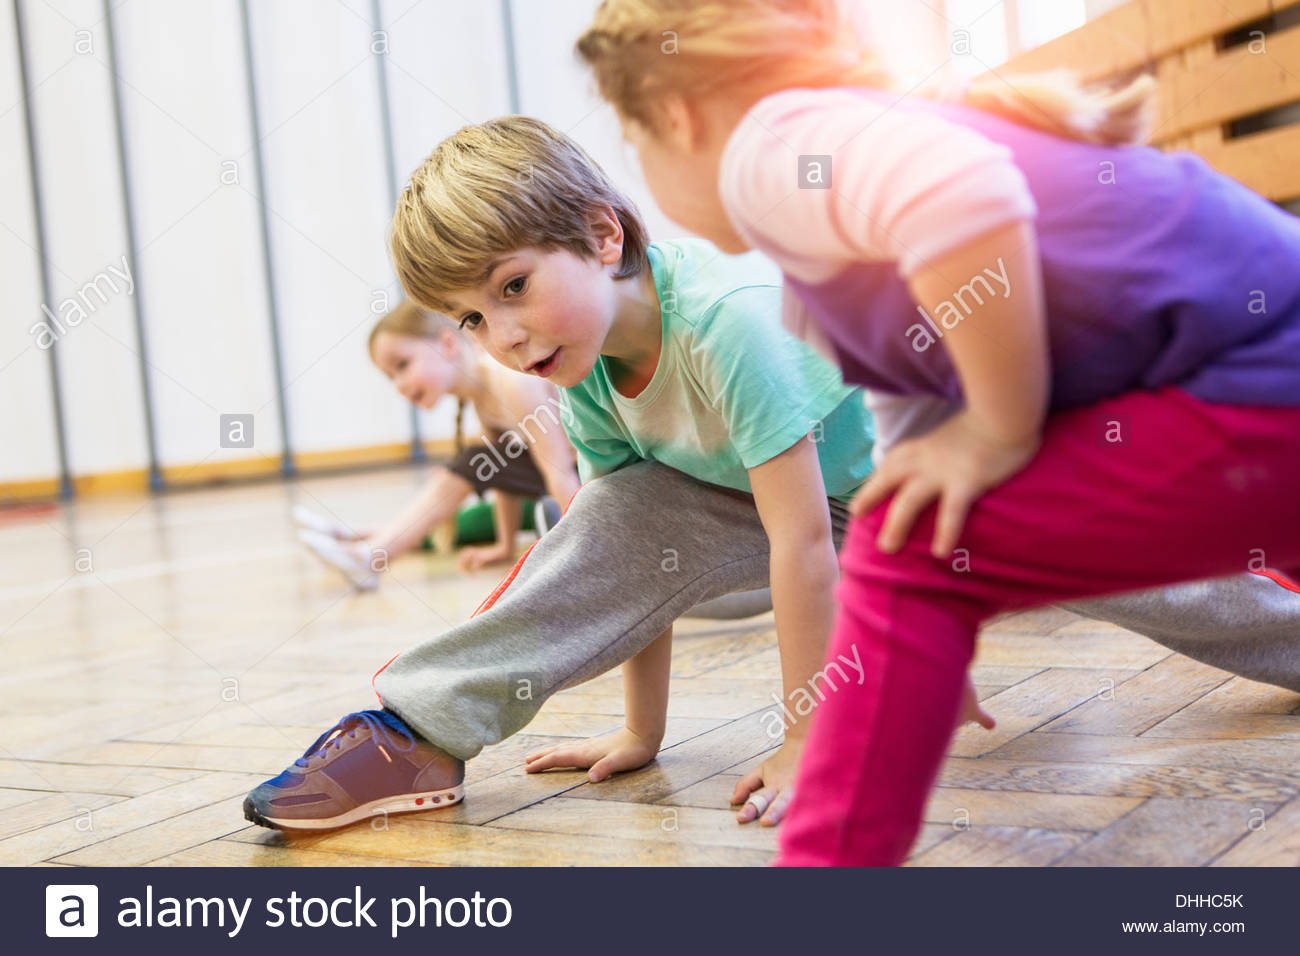 Enfants stretching, jambes pliées, se penchant vers l'avant Photo Stock